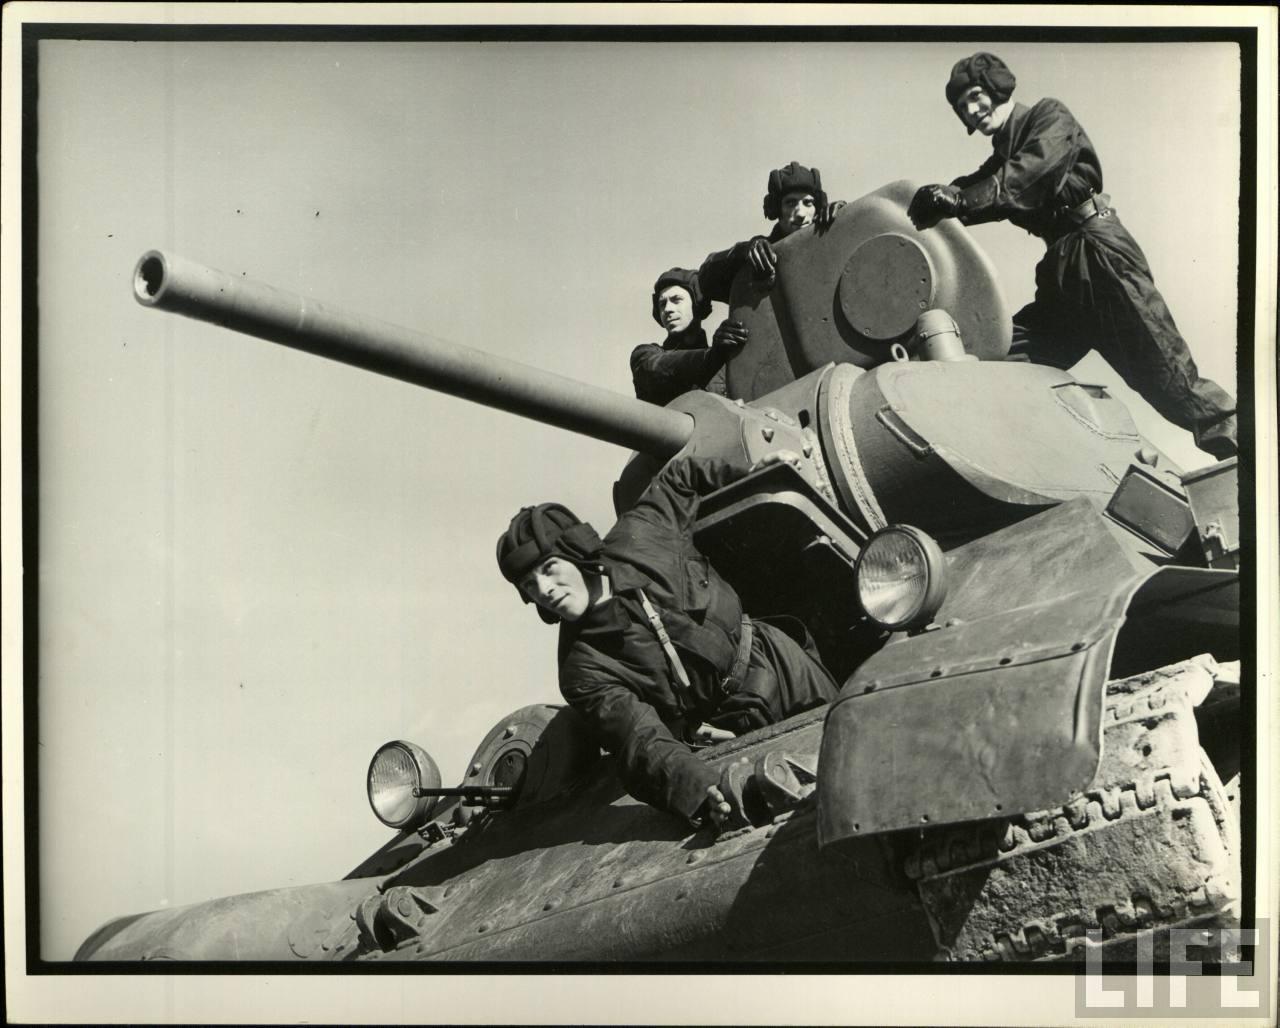 Великая отечественная война картинки фотографии